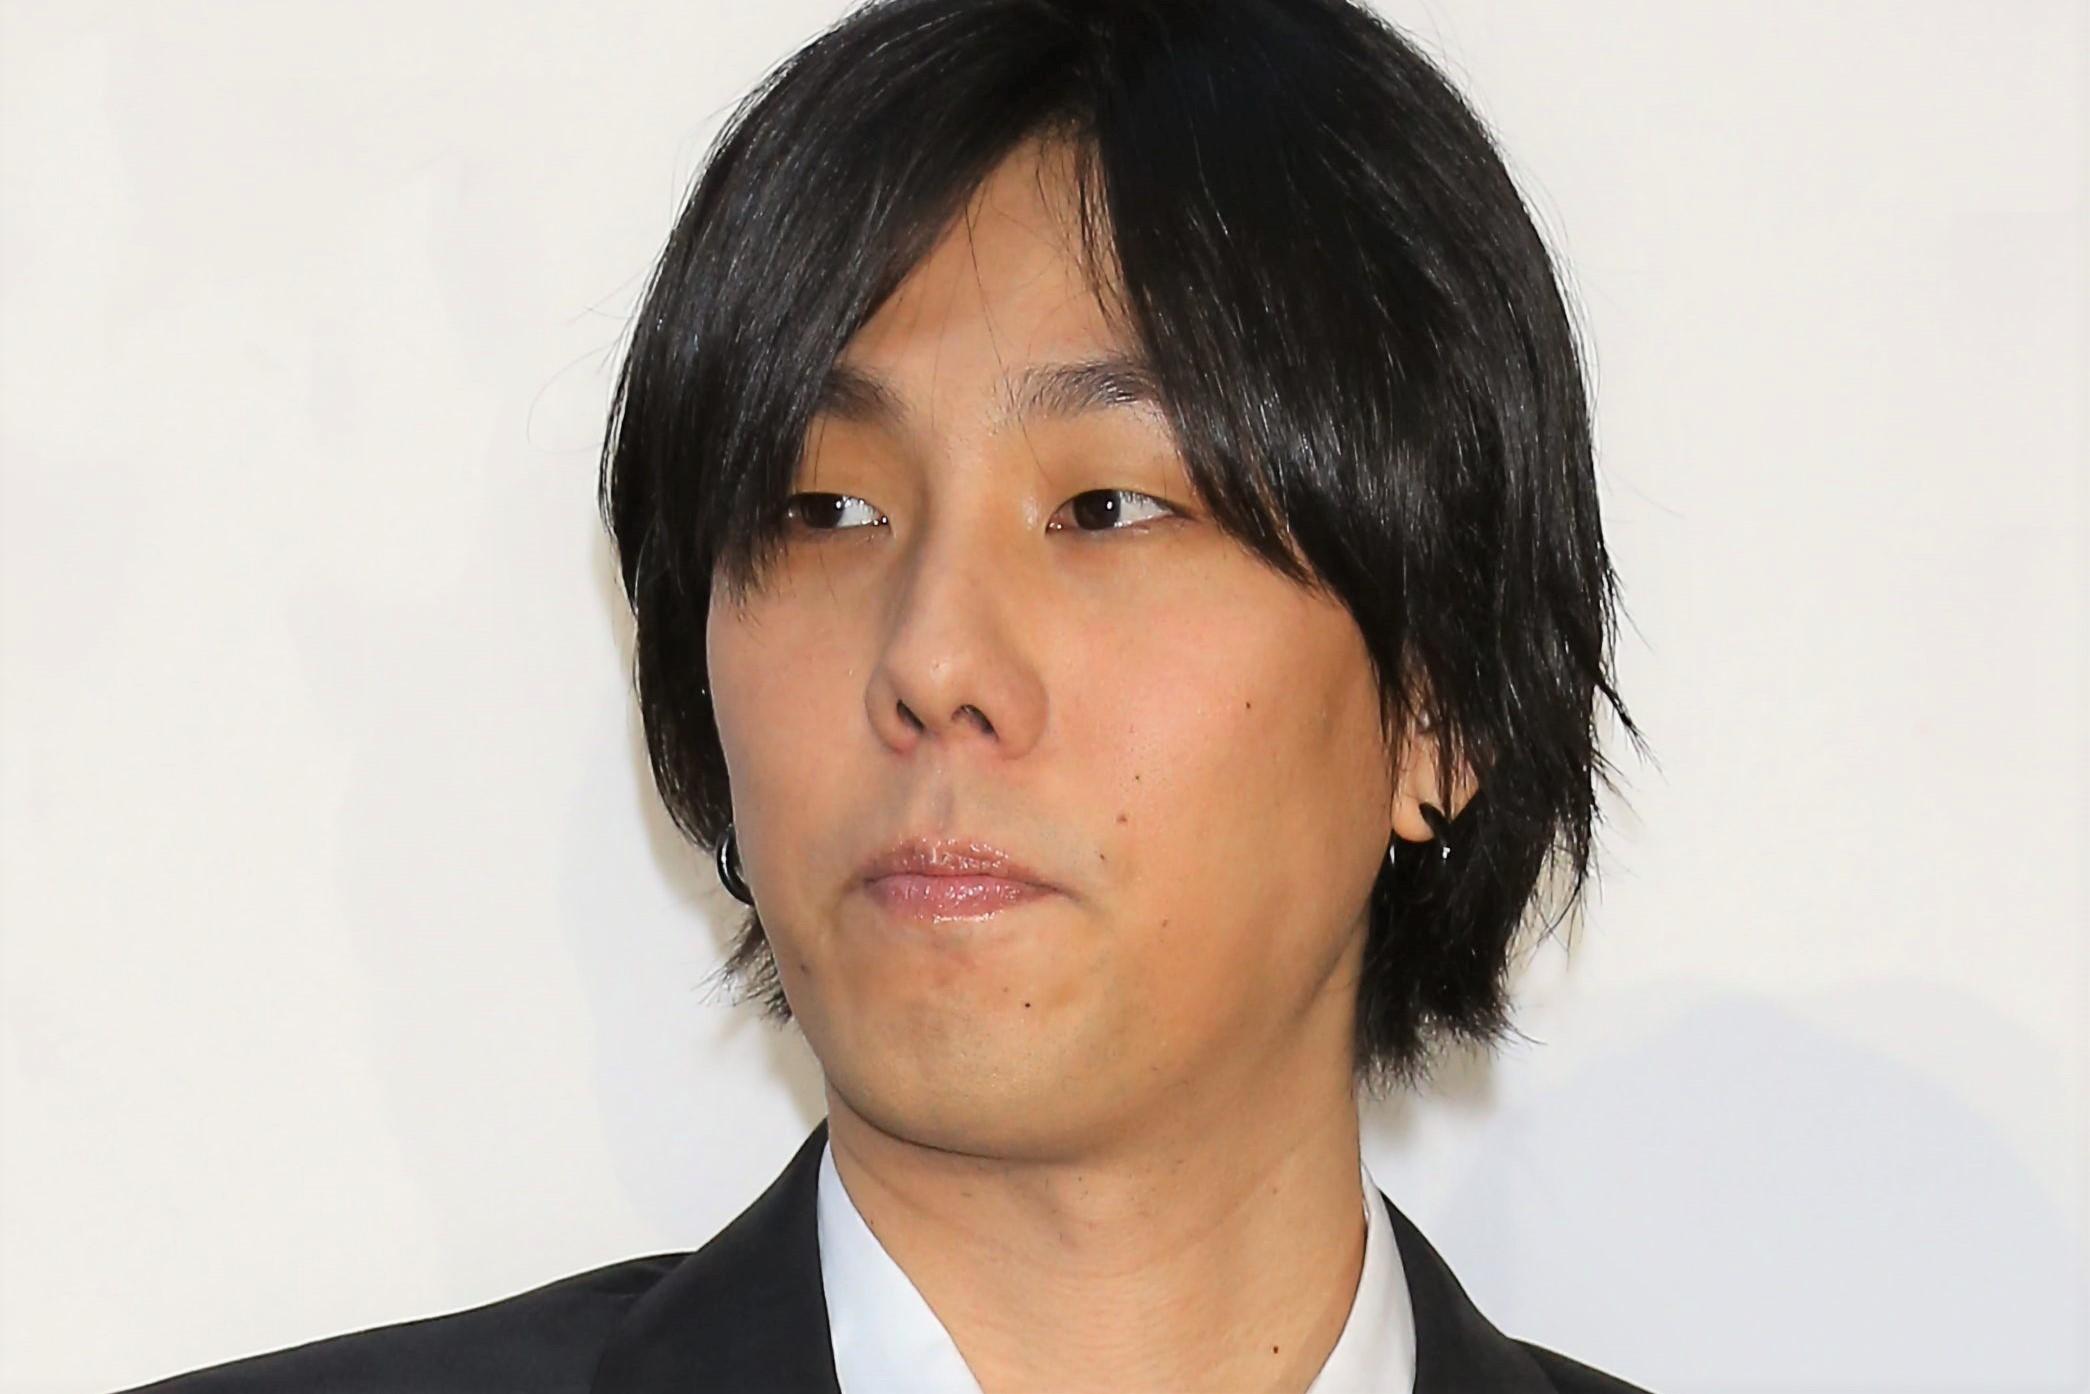 洋次郎 朝ドラ 野田